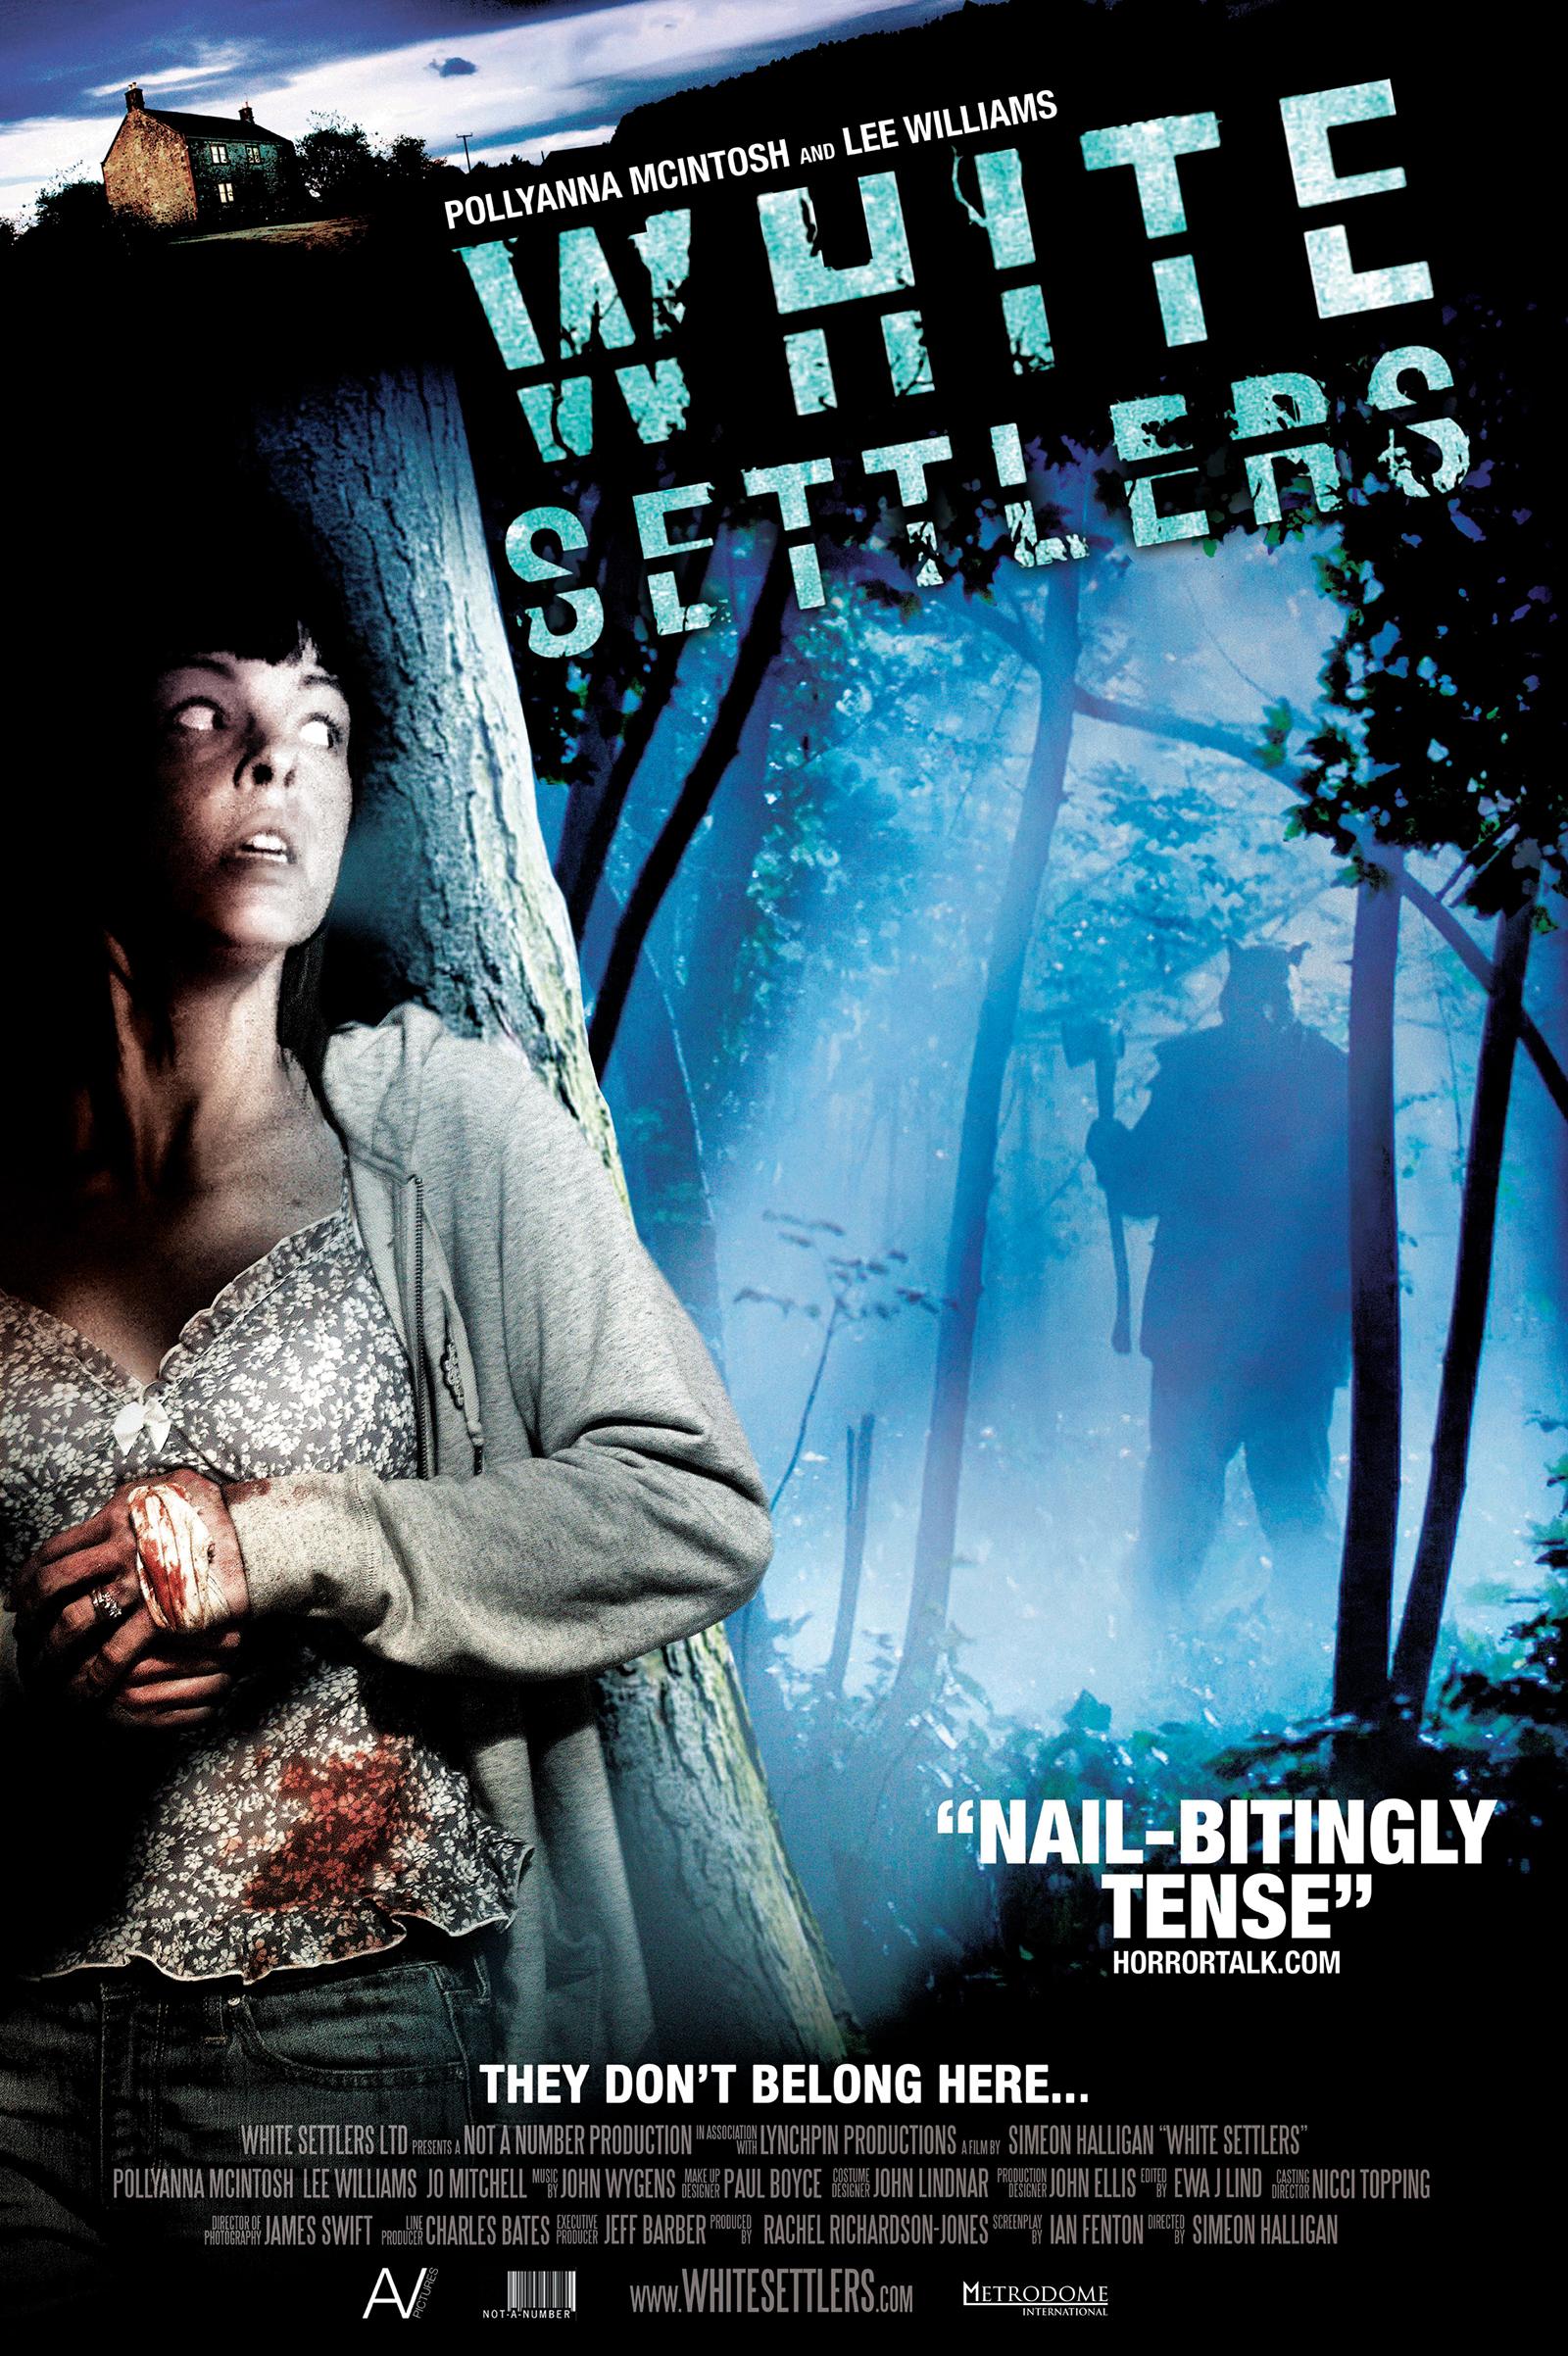 White Settlers Film Poster